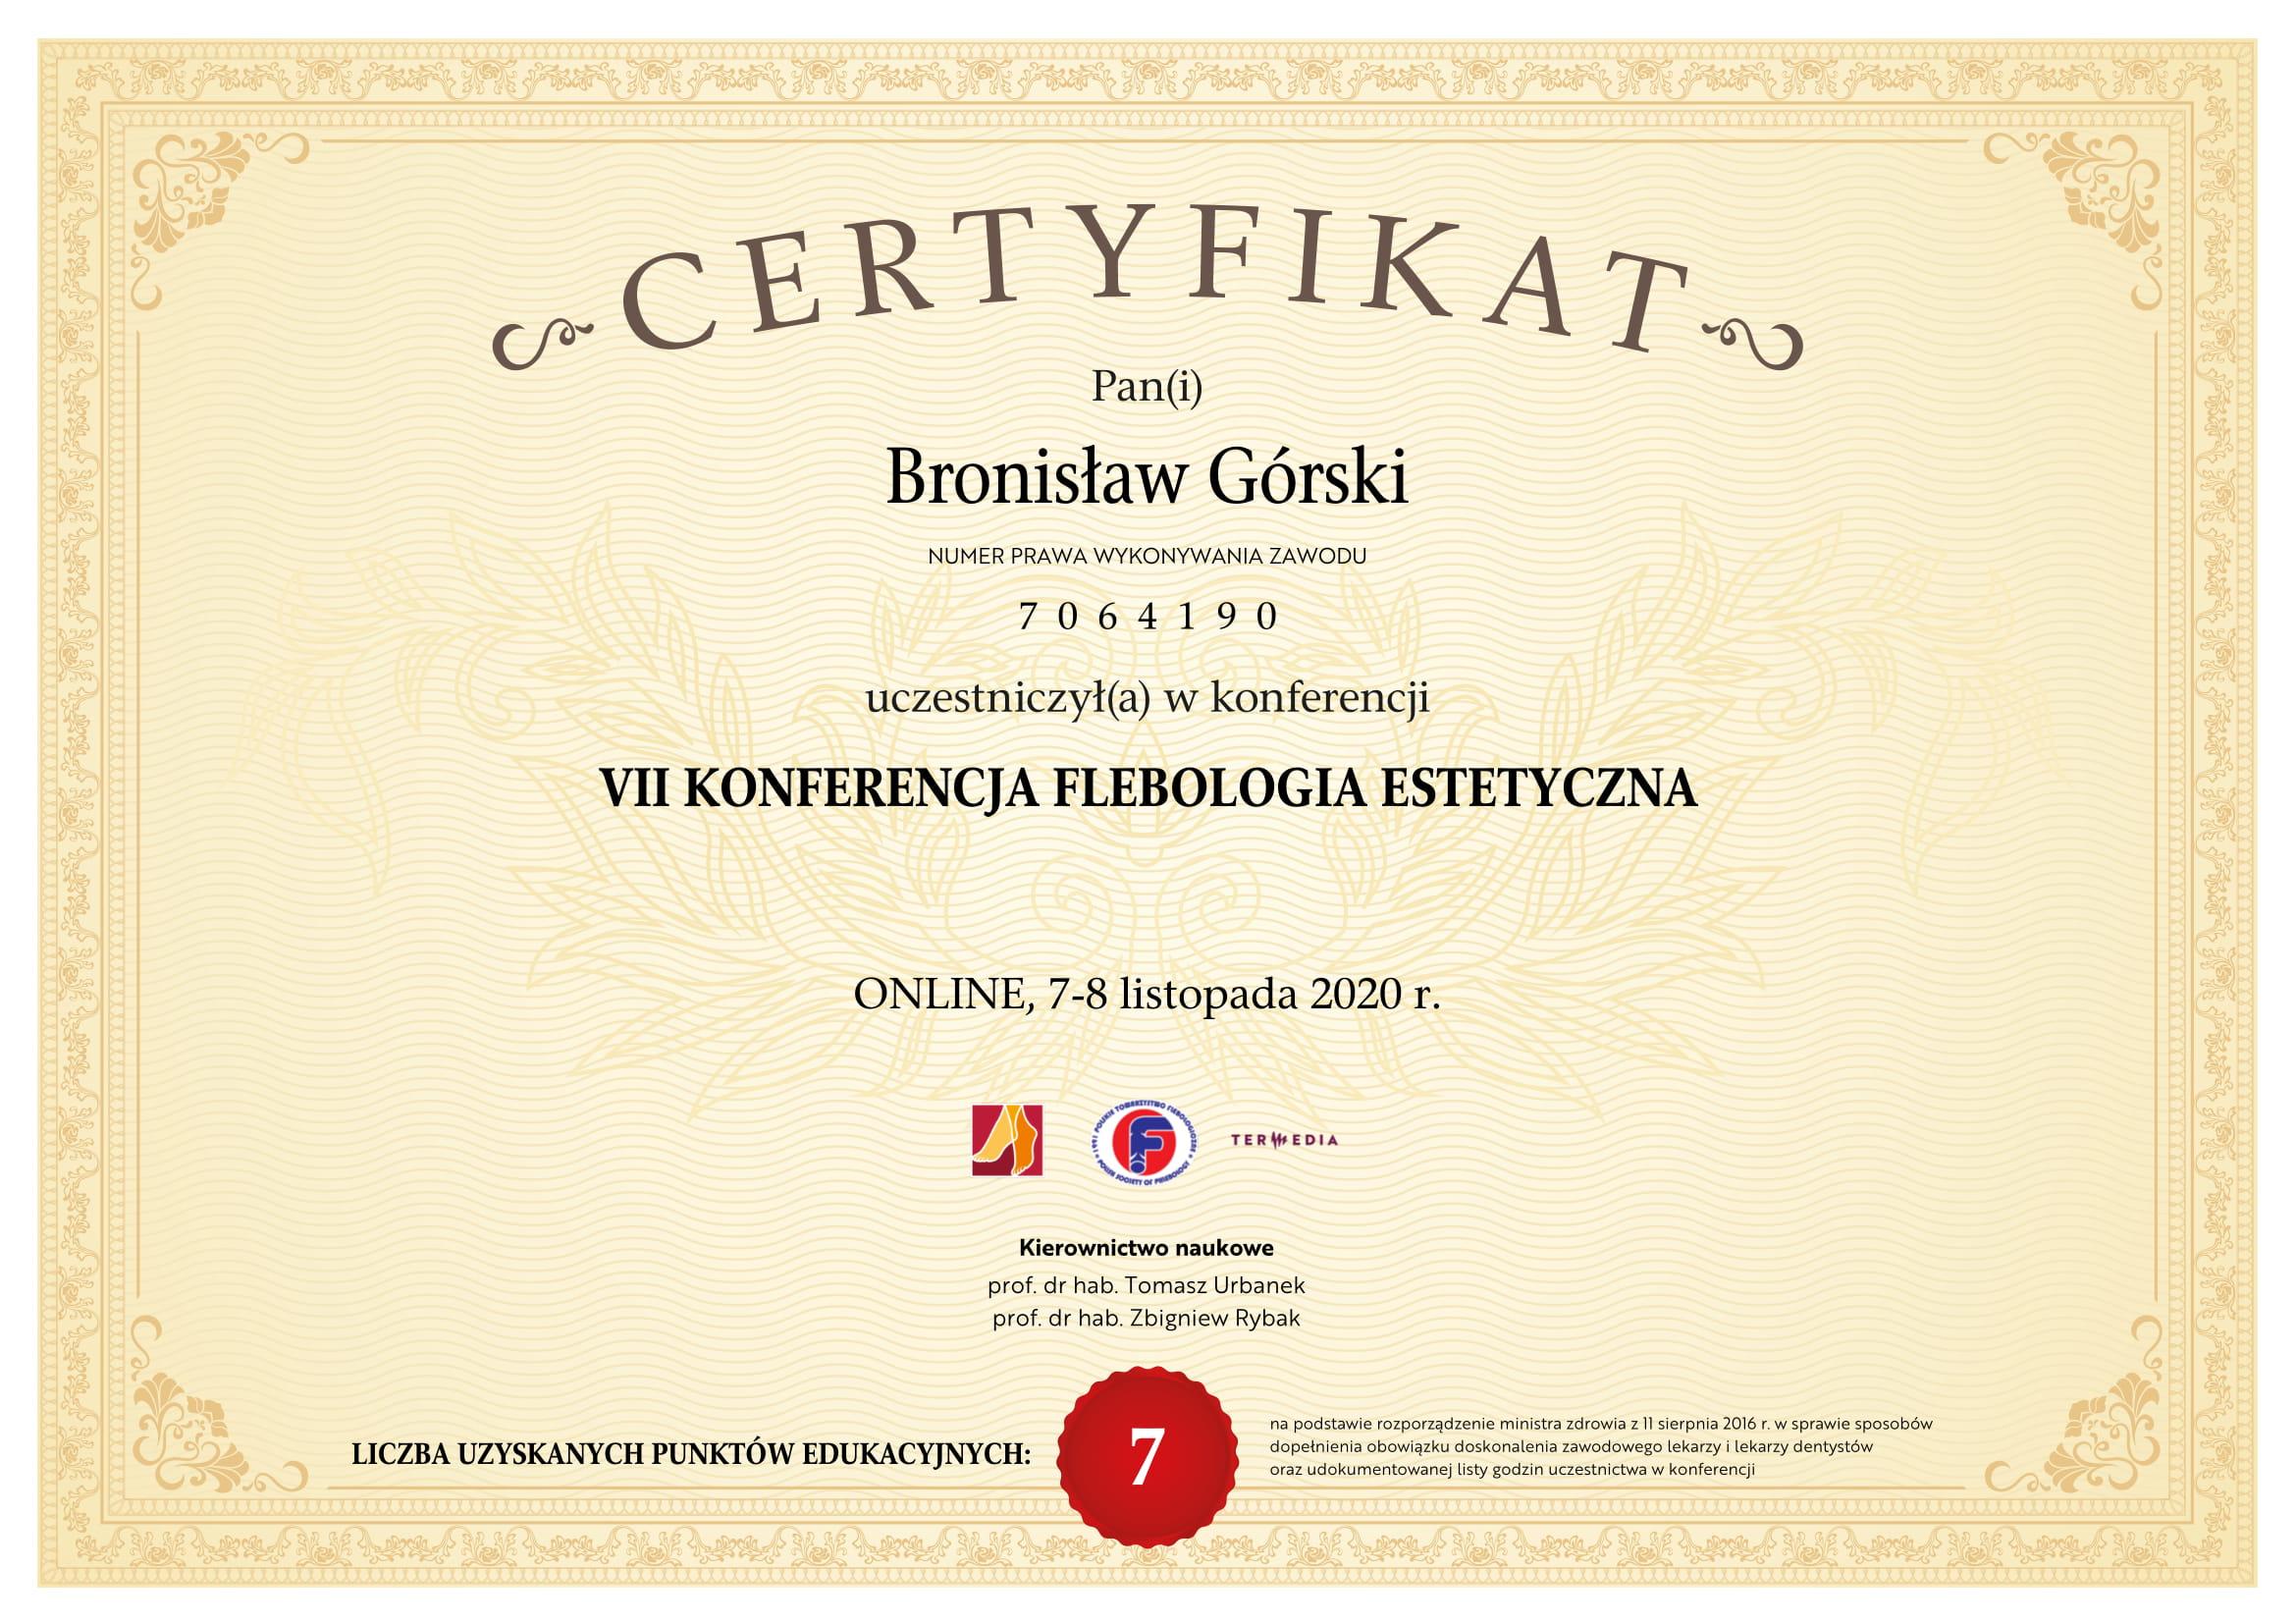 Certyfikat pl 1 1